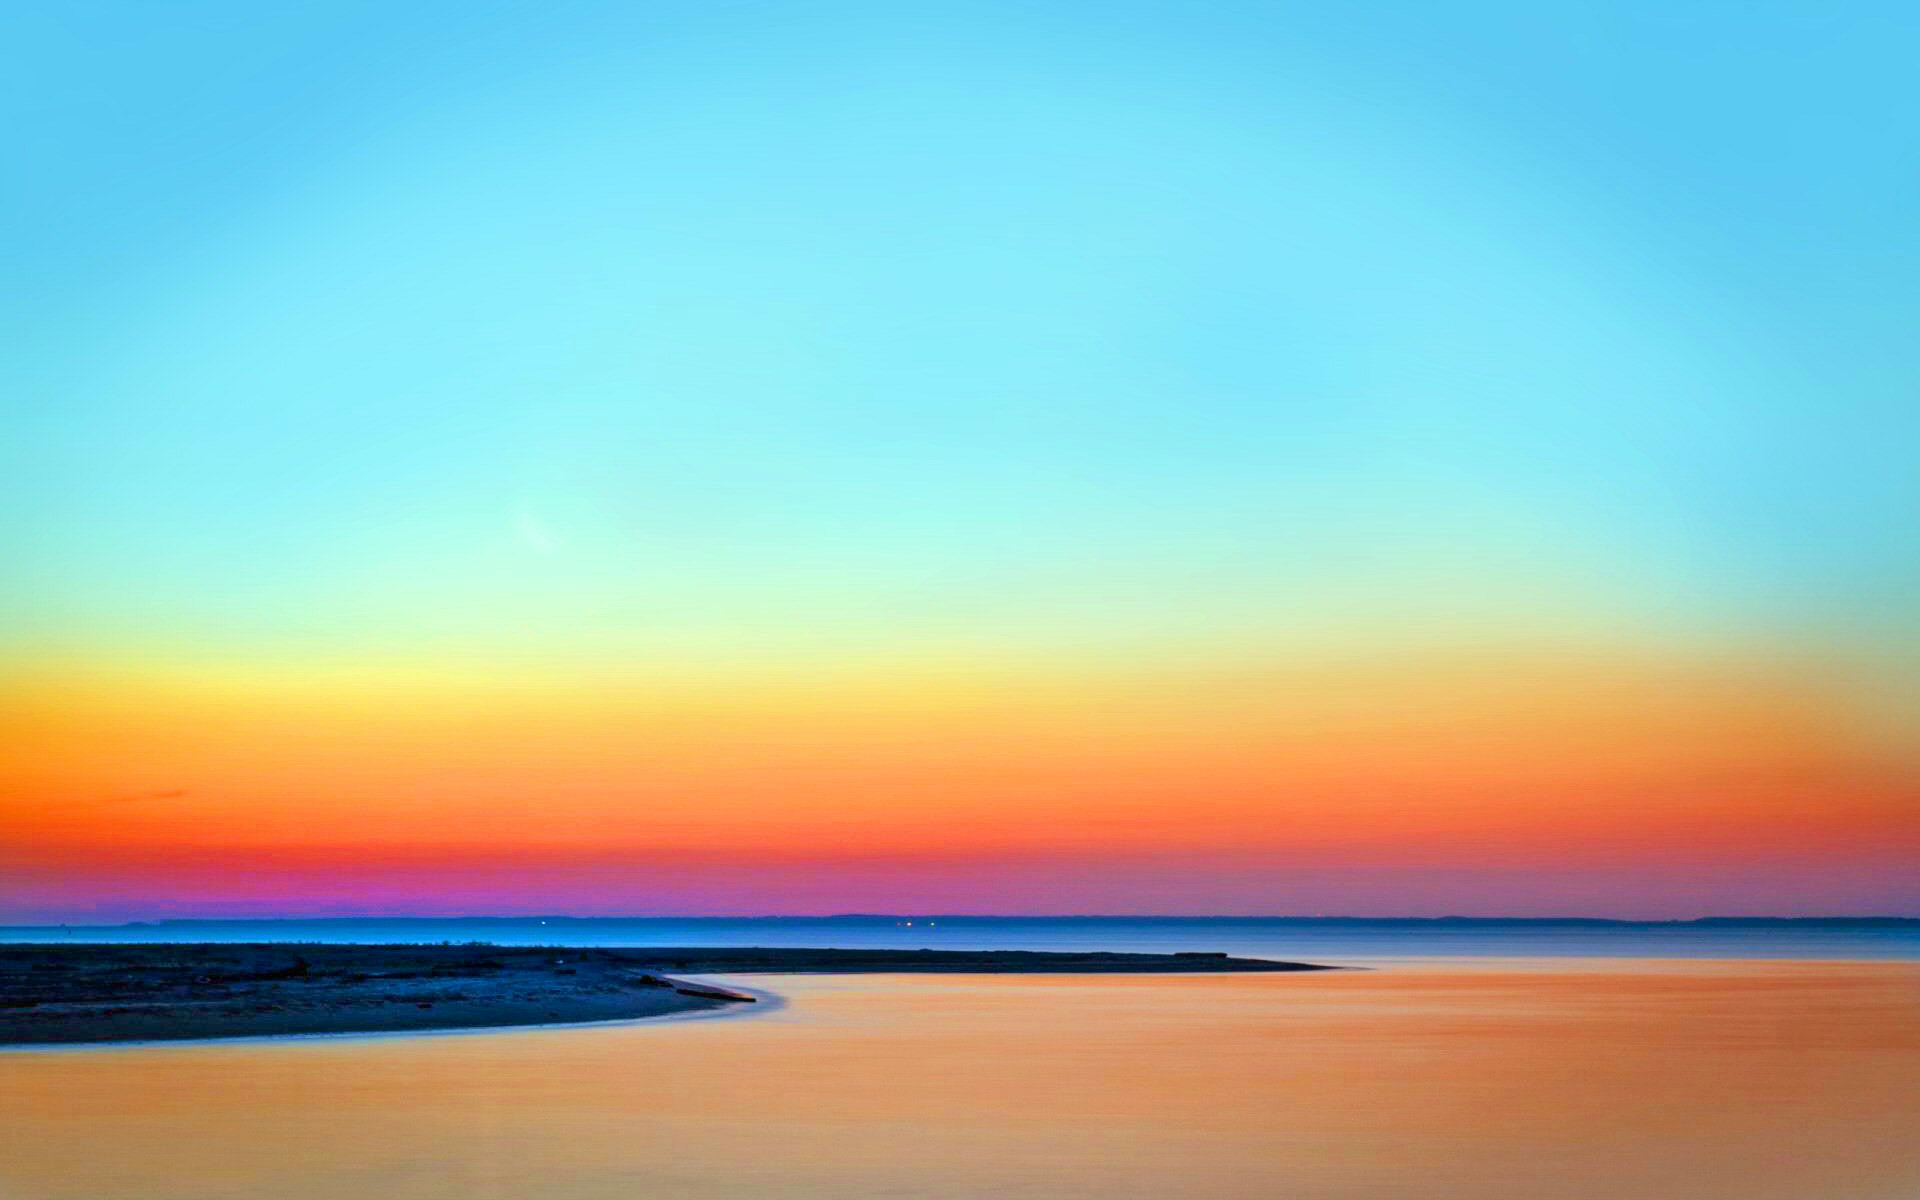 خلفيات وصور بحار احلي صور عن البحر hd (14)